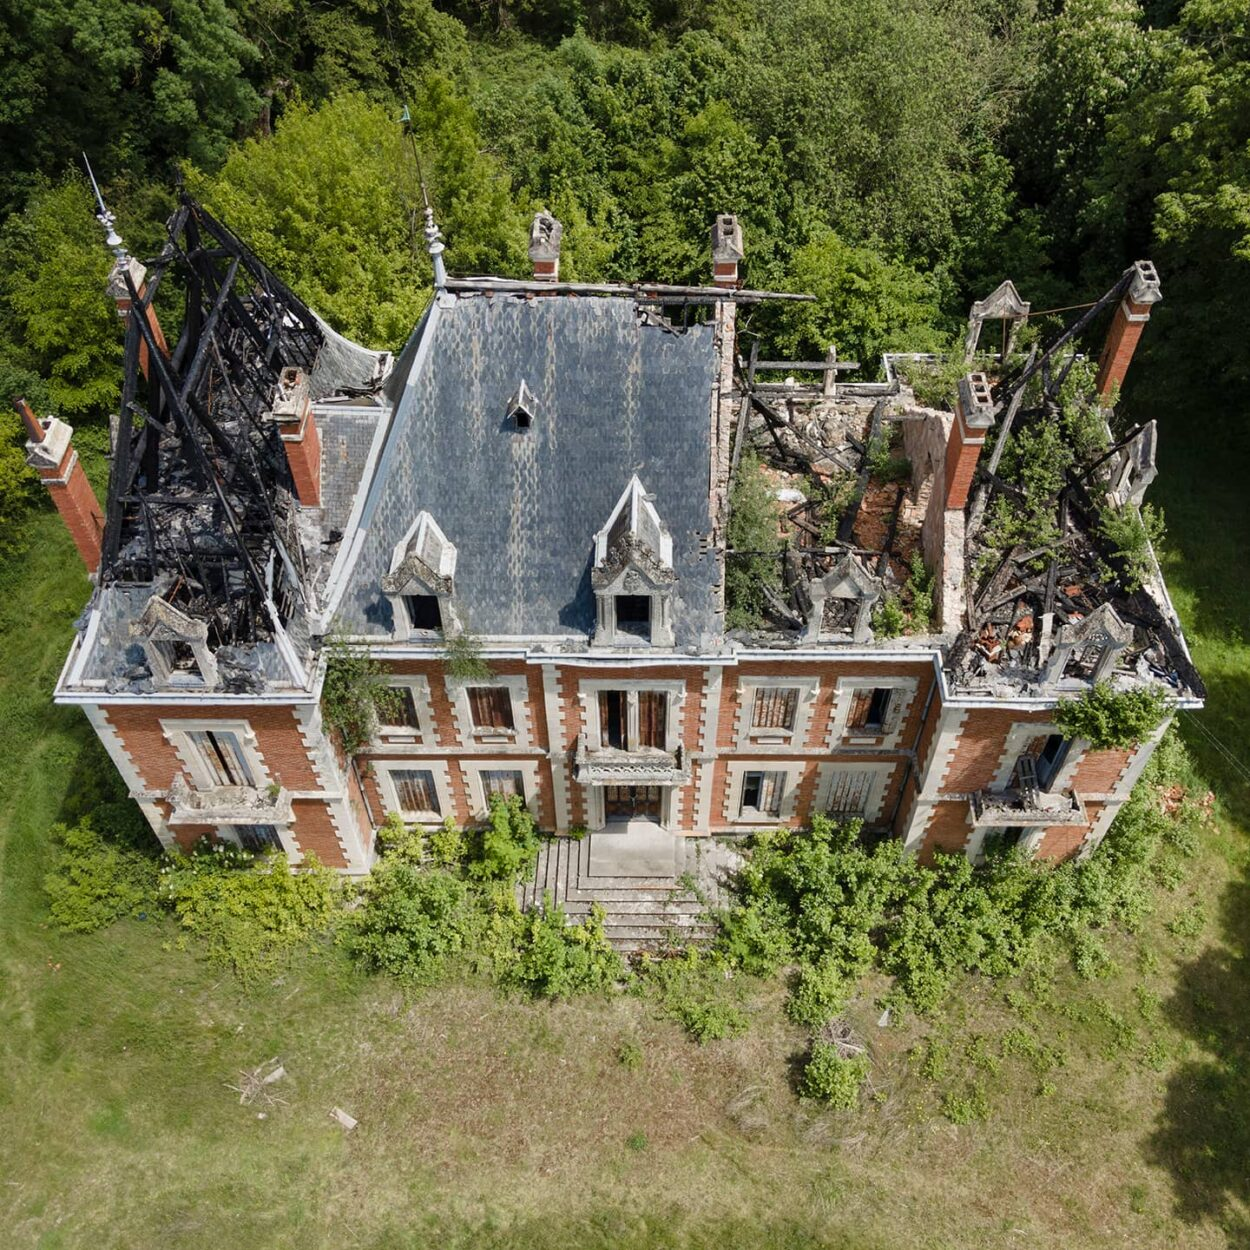 urbex-exploration-france-chateau-chasseur-incendie